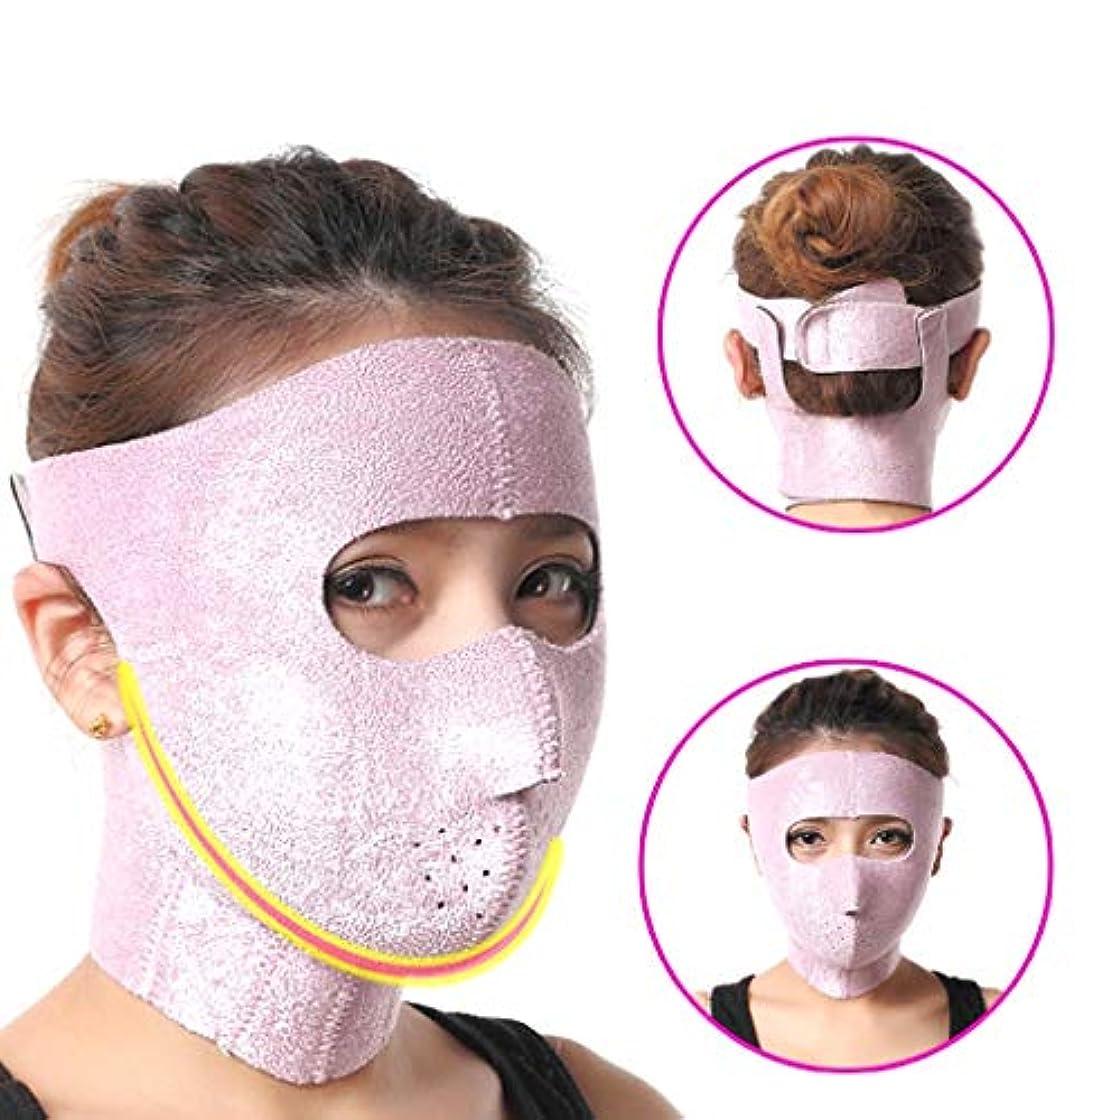 つかの間日光浸漬XHLMRMJ 薄いあご修正ツール、顔リフティングマスク、リフティングファーミング、Vフェイシャルマスク、改良された咬筋二重あご、男性と女性の両方に適しています